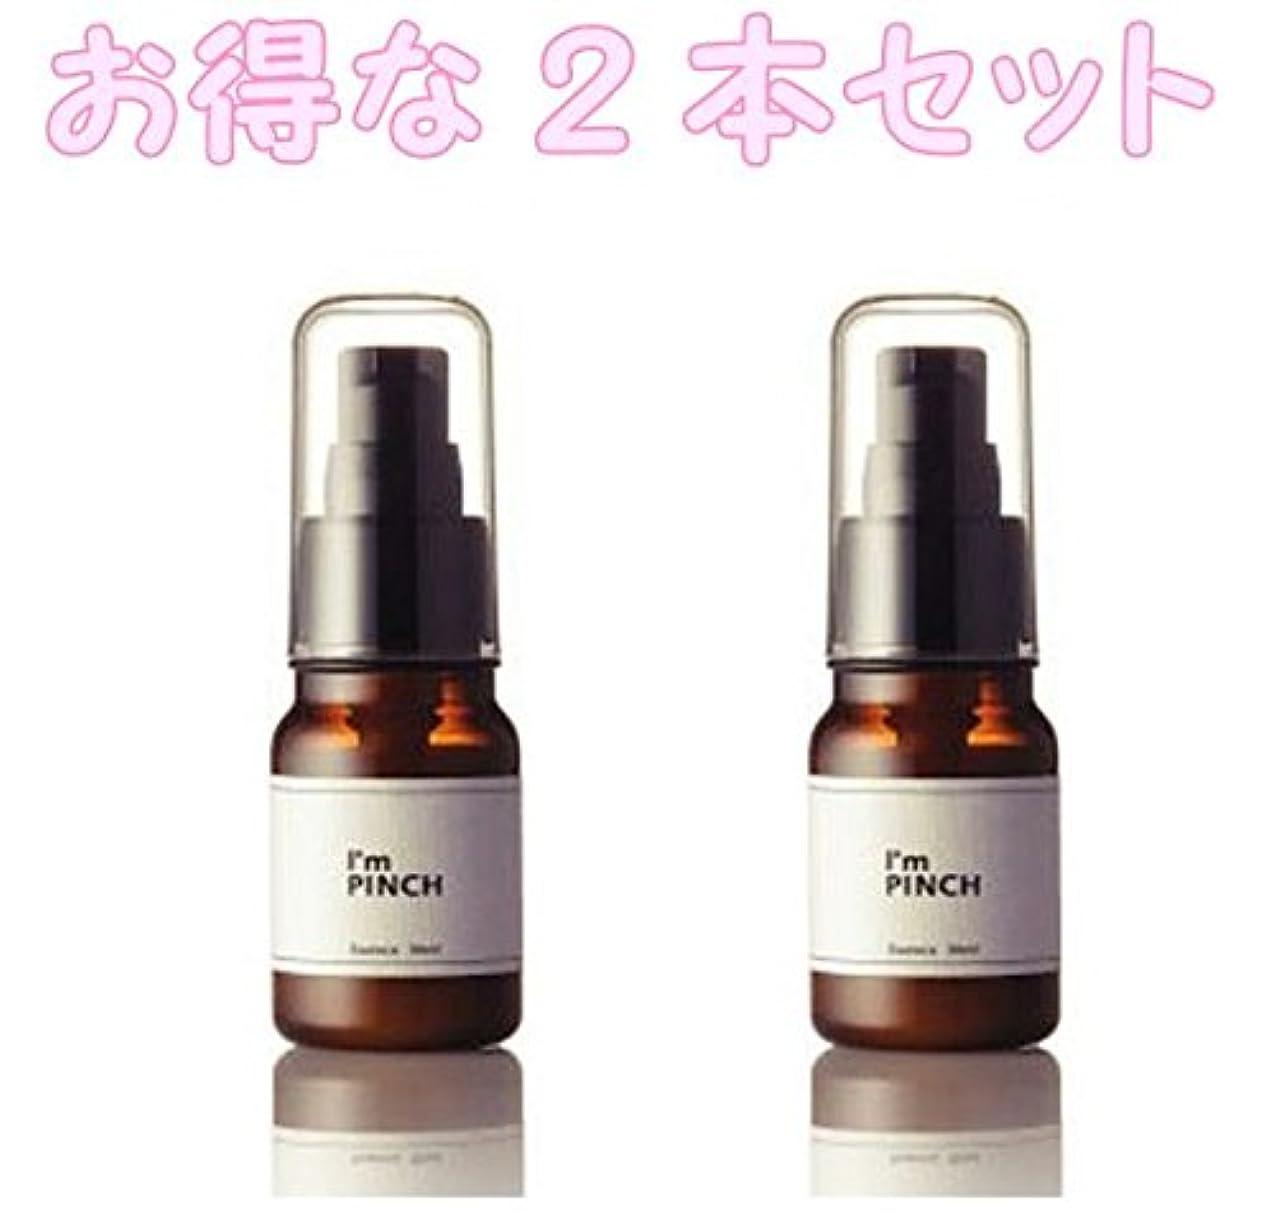 最高同時影のある【2本セット】 乾燥からお肌を救う美容液 I'm PINCH(アイムピンチ)10ml